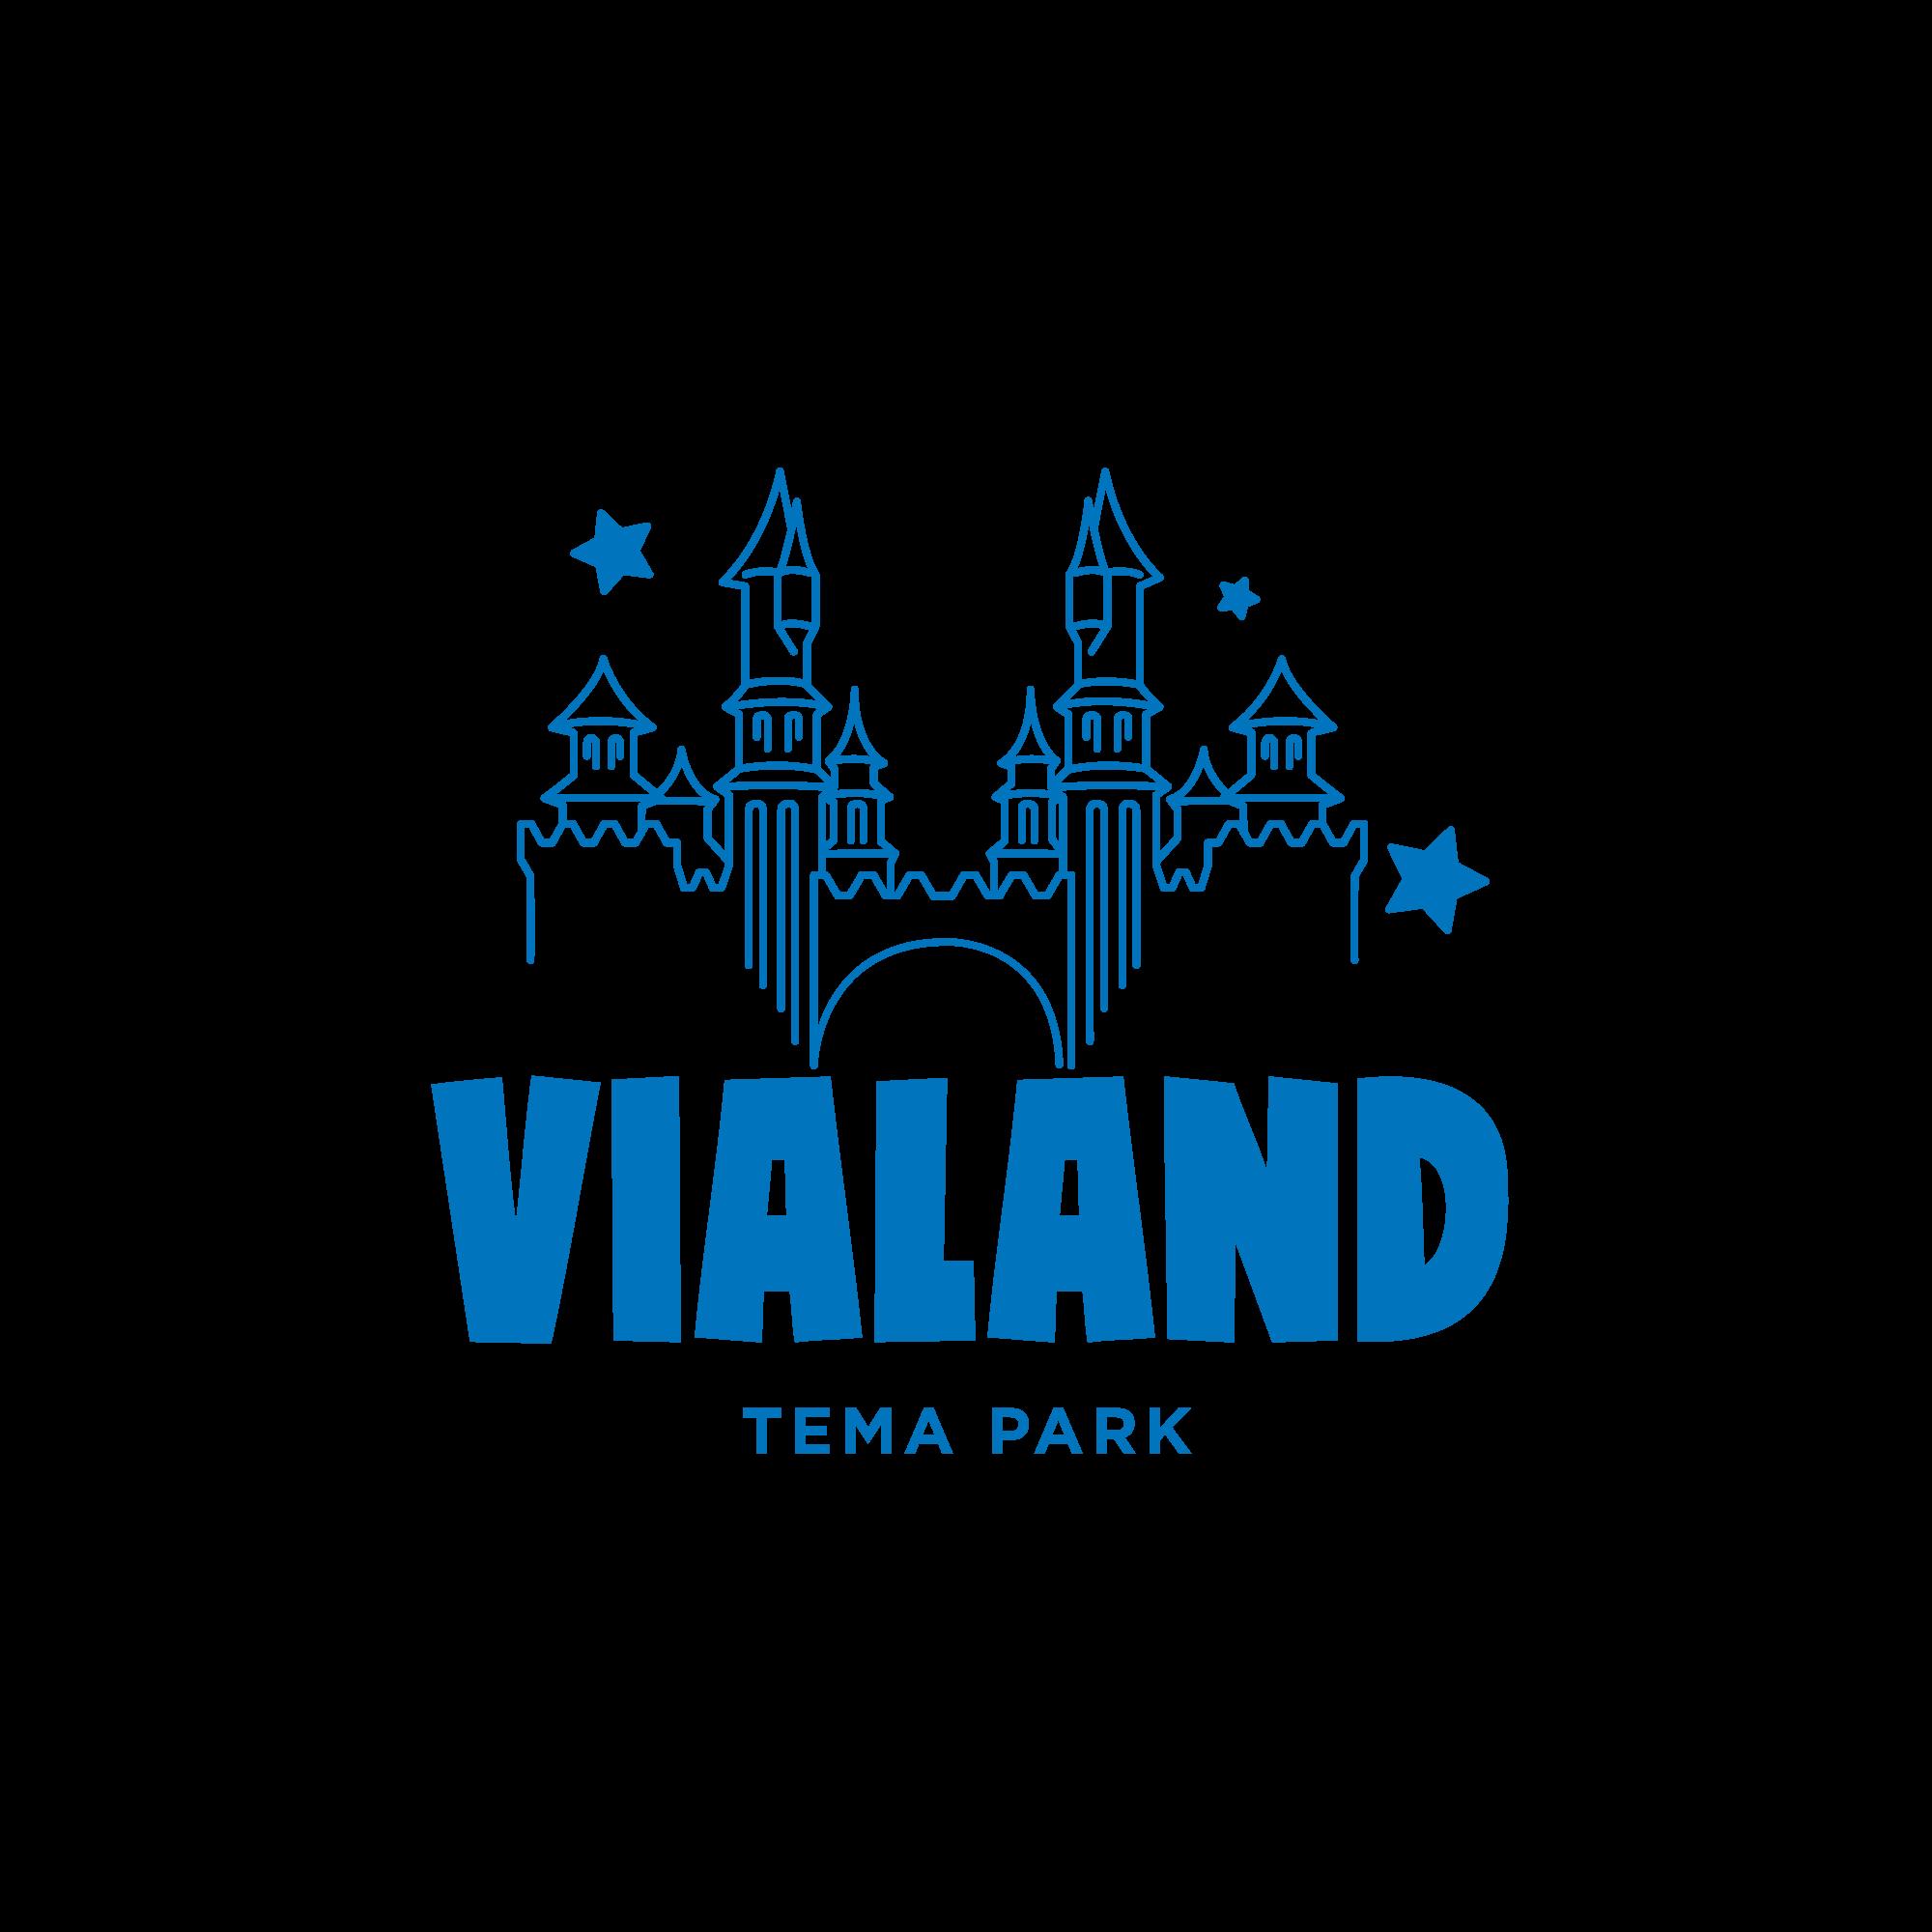 İsfanbul (Vialand)